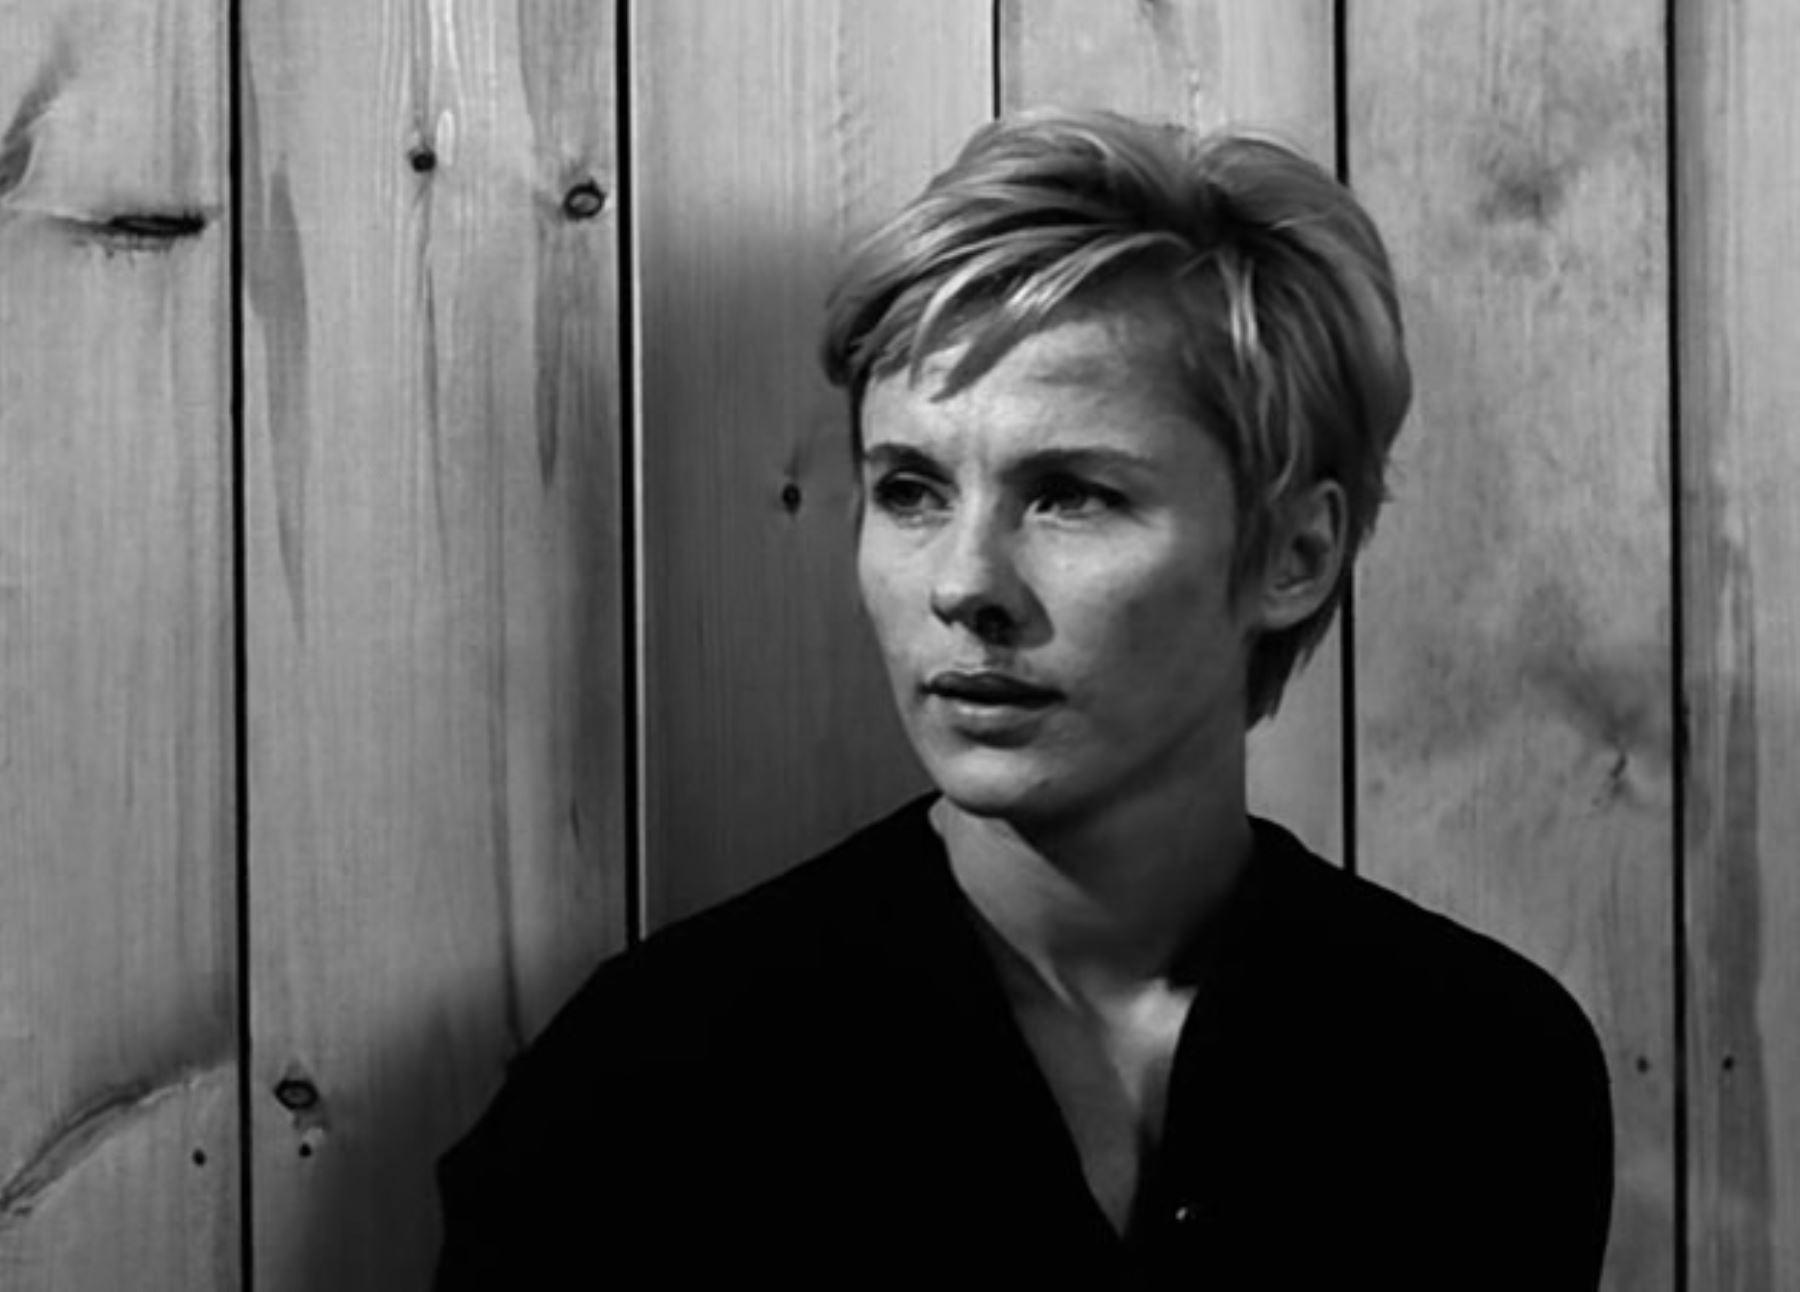 """Bibi Andersson en la película de Ingmar Bergman """"Persona"""""""